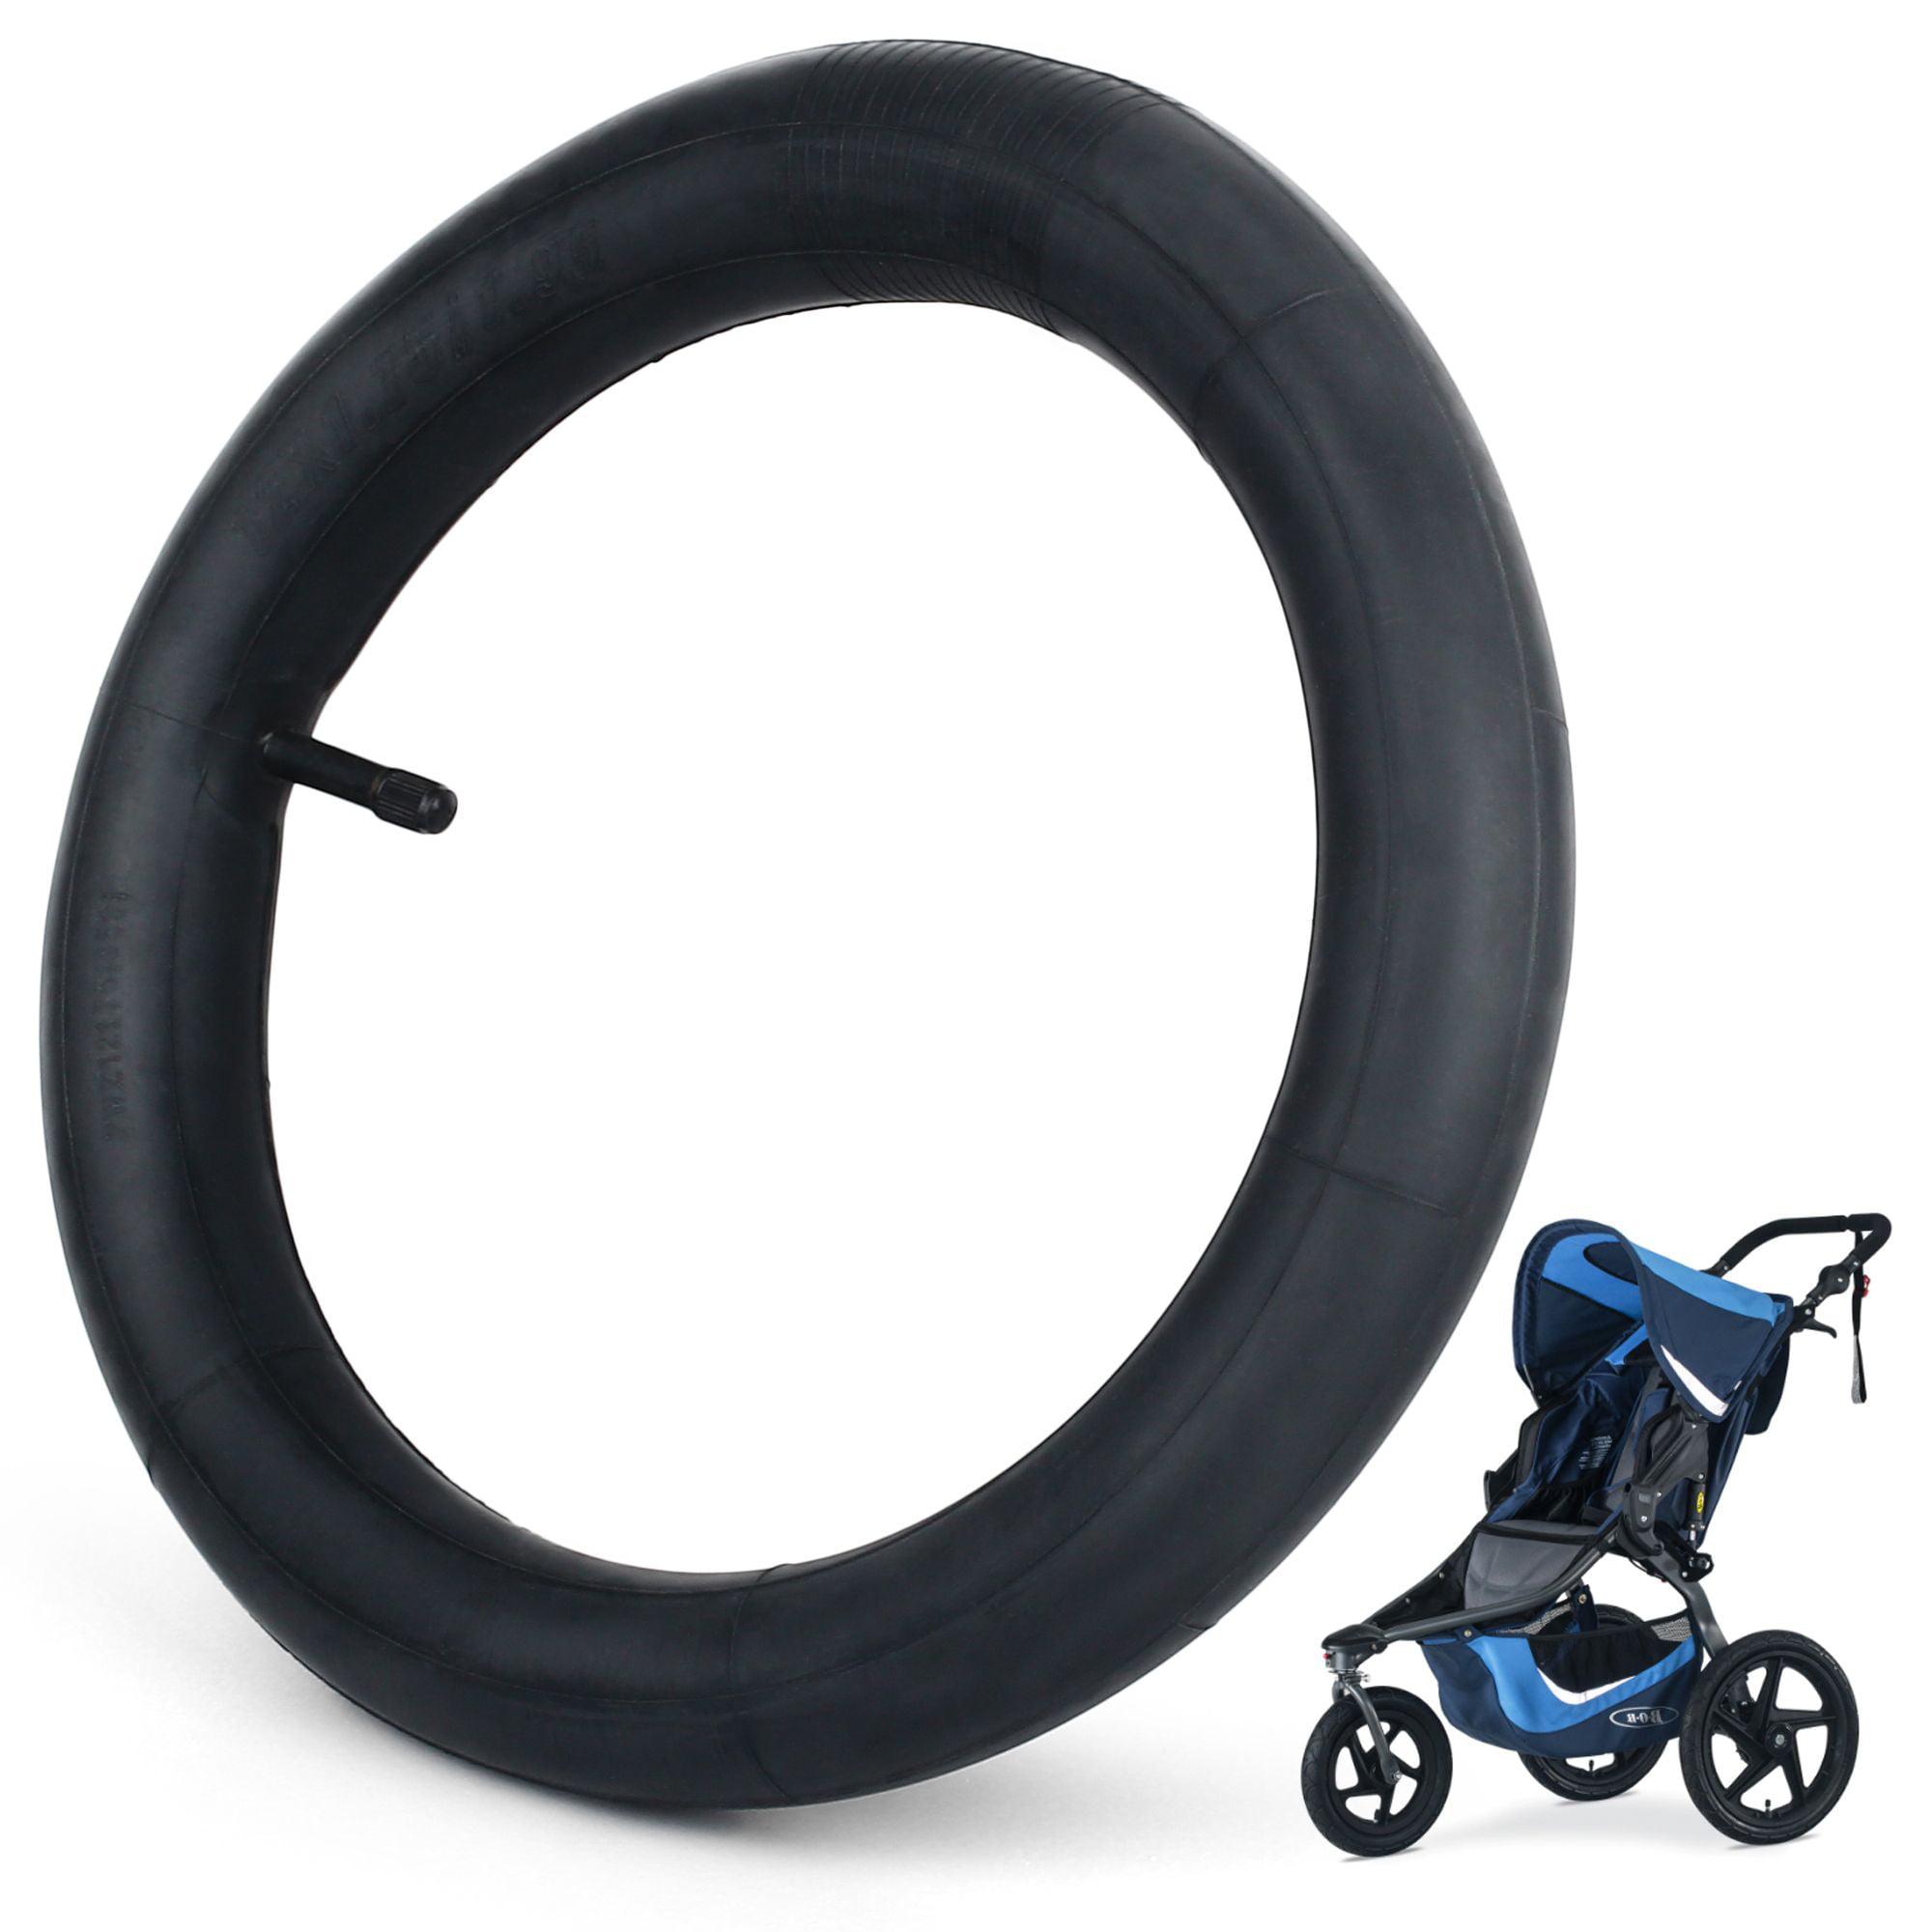 SE Single and Duallie Strollers 12.5 Heavy Duty Thorn Resistant Inner Tube for BOB Revolution Flex//Pro